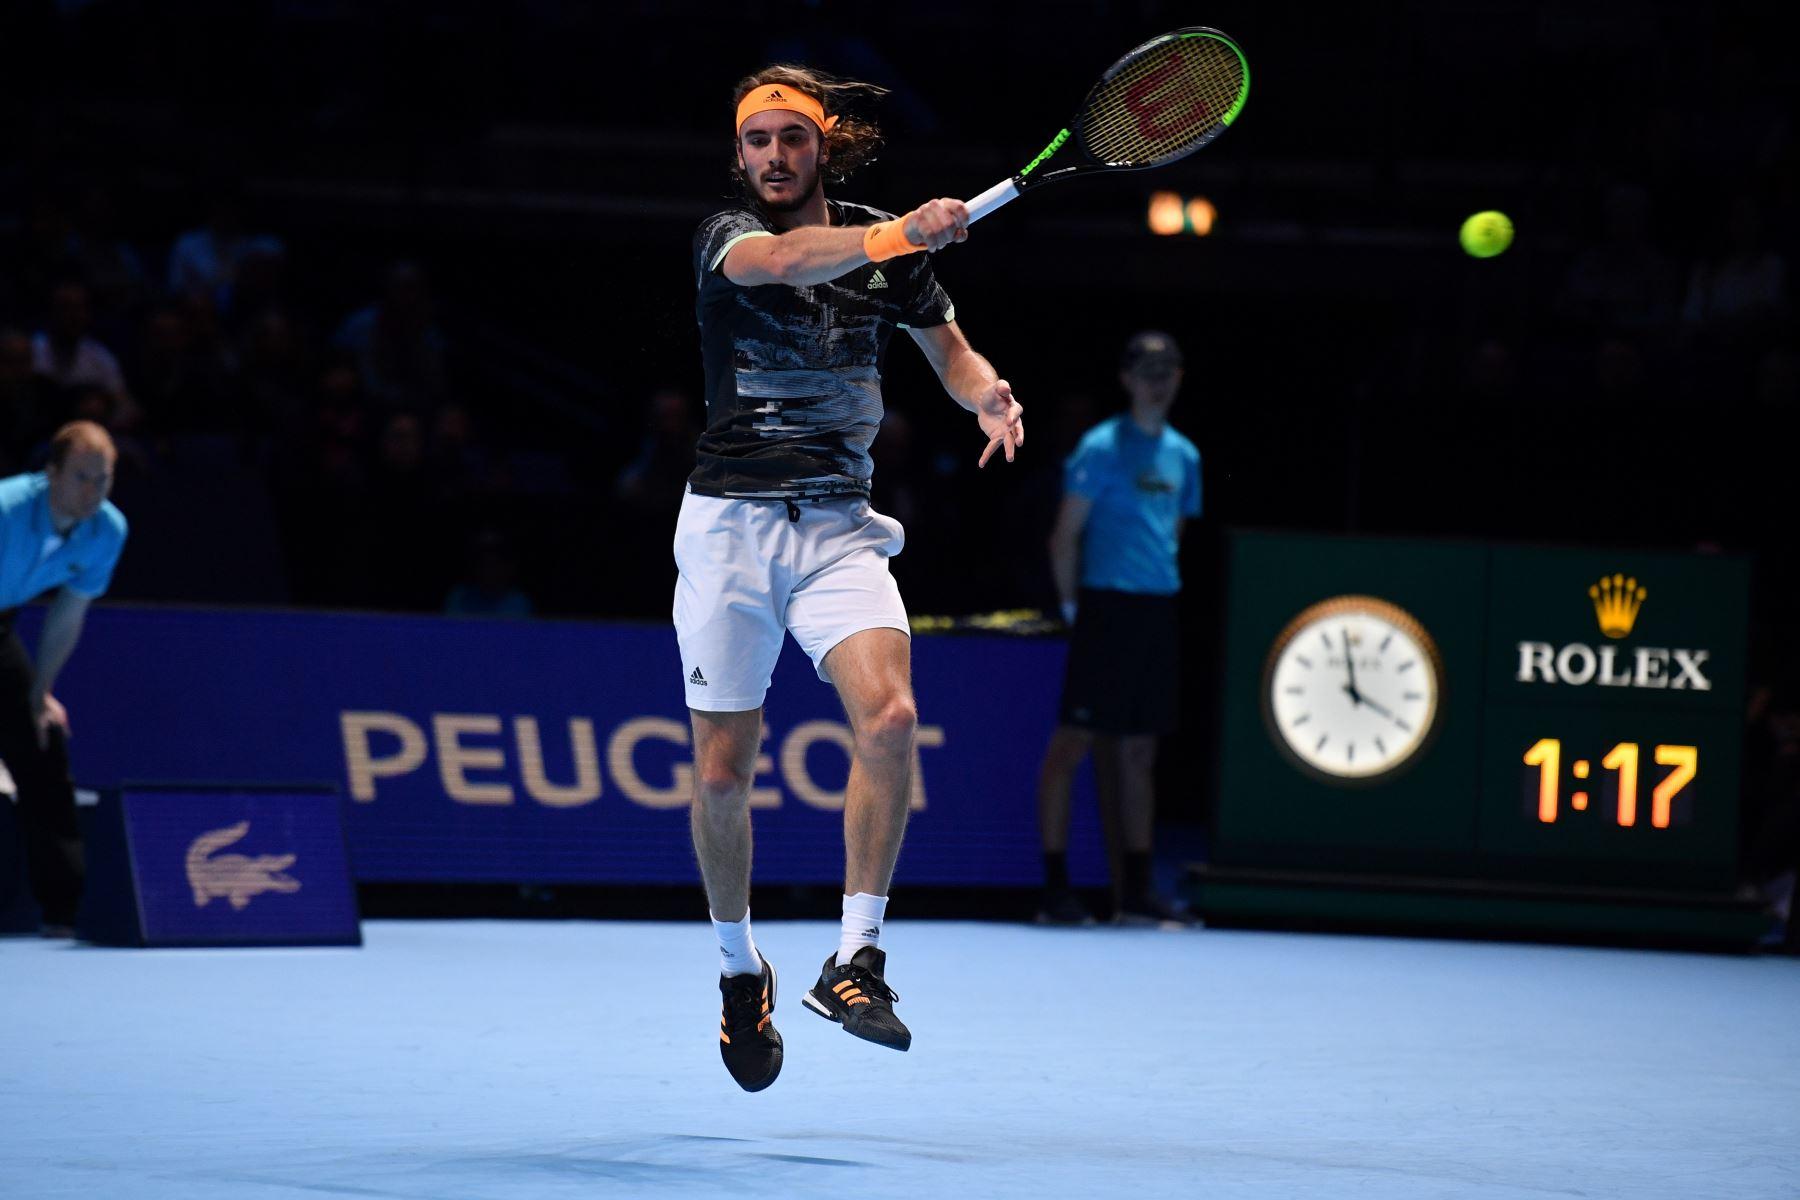 El griego Stefanos Tsitsipas se enfrenta al suizo Roger Federer durante el partido de semifinales de individuales masculinos en el torneo de tenis ATP World Tour Finals en el O2 Arena de Londres. Foto: AFP